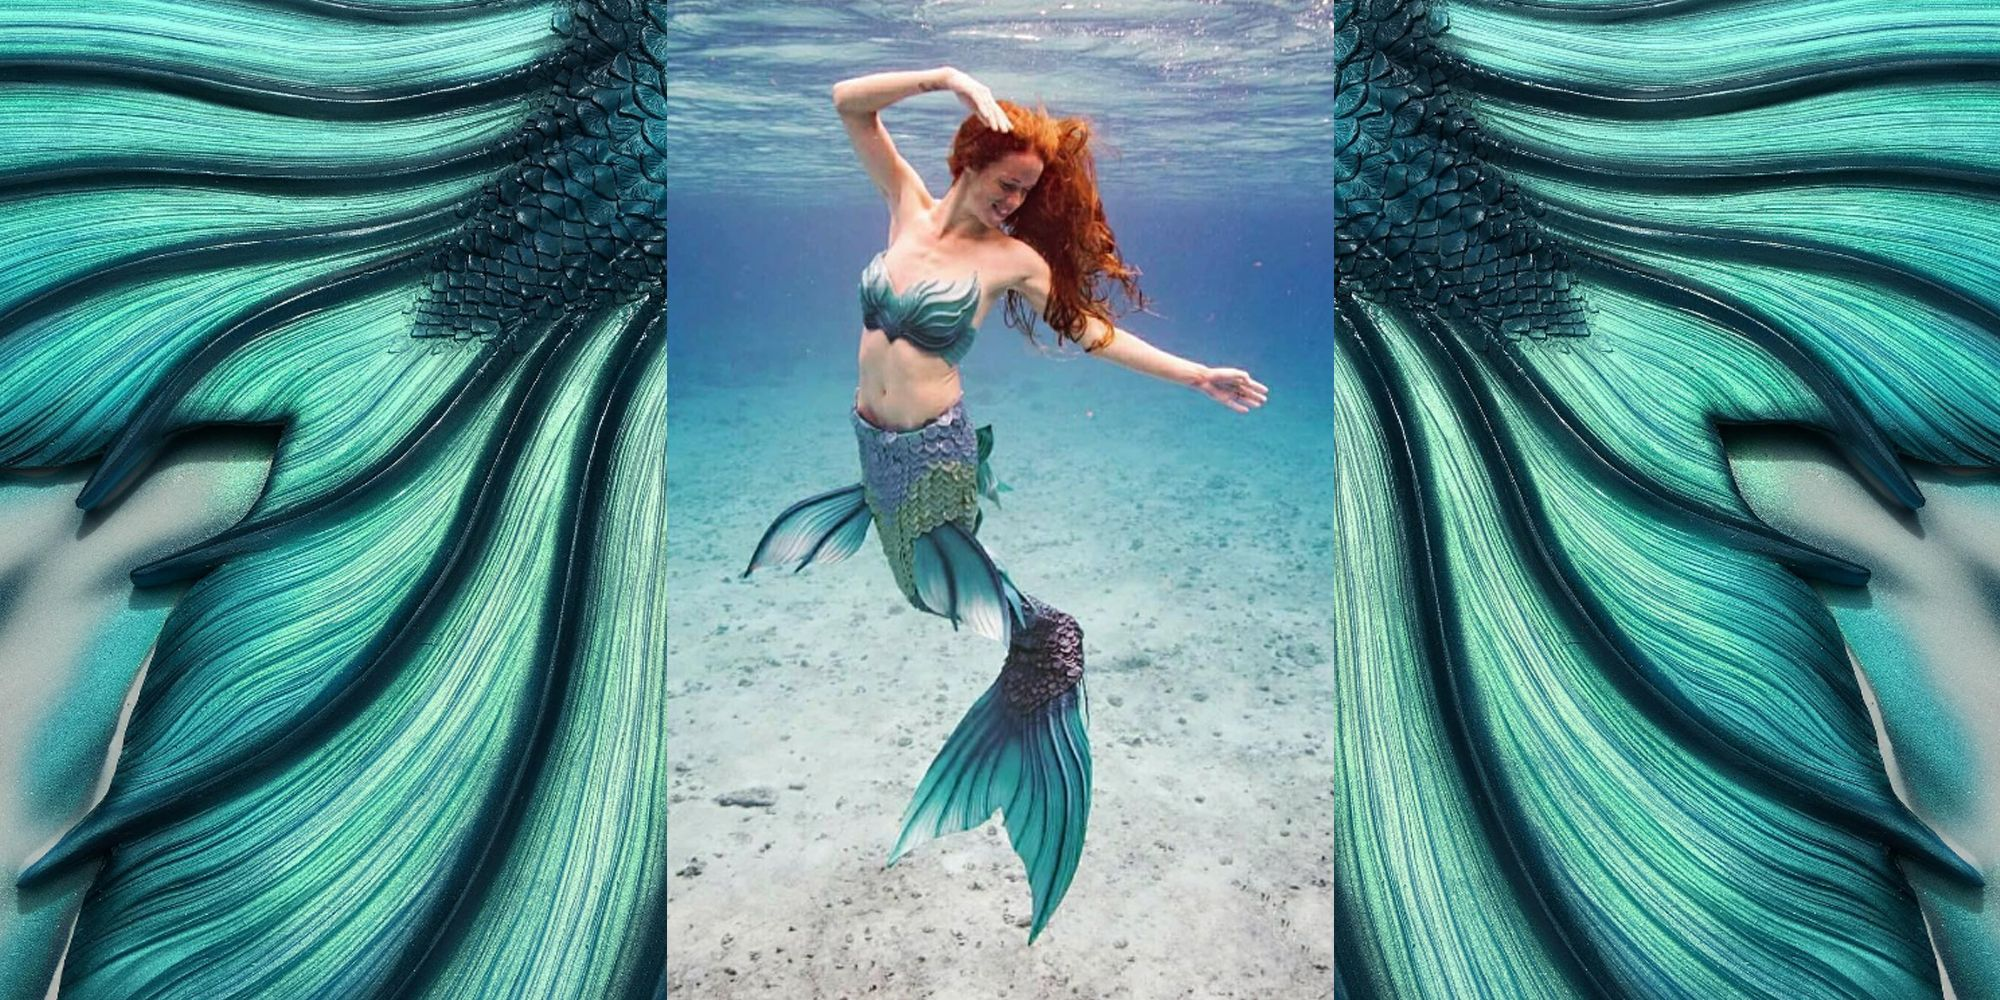 acquista l'originale elegante e grazioso sito affidabile Questa coda da sirena è come quella vera, cosa aspetti a ...